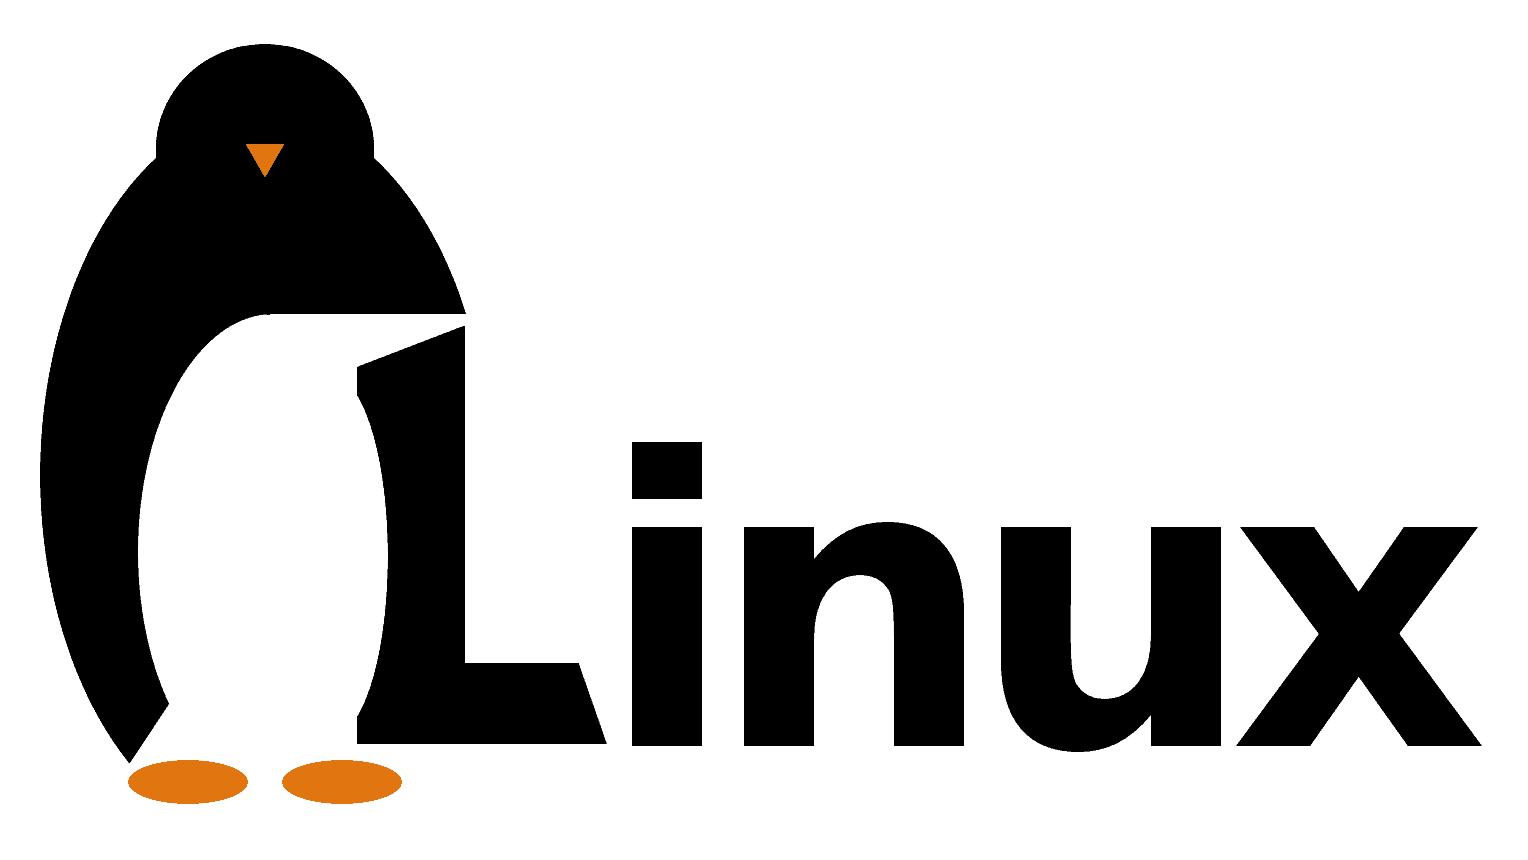 اختيار نسخه لينكس